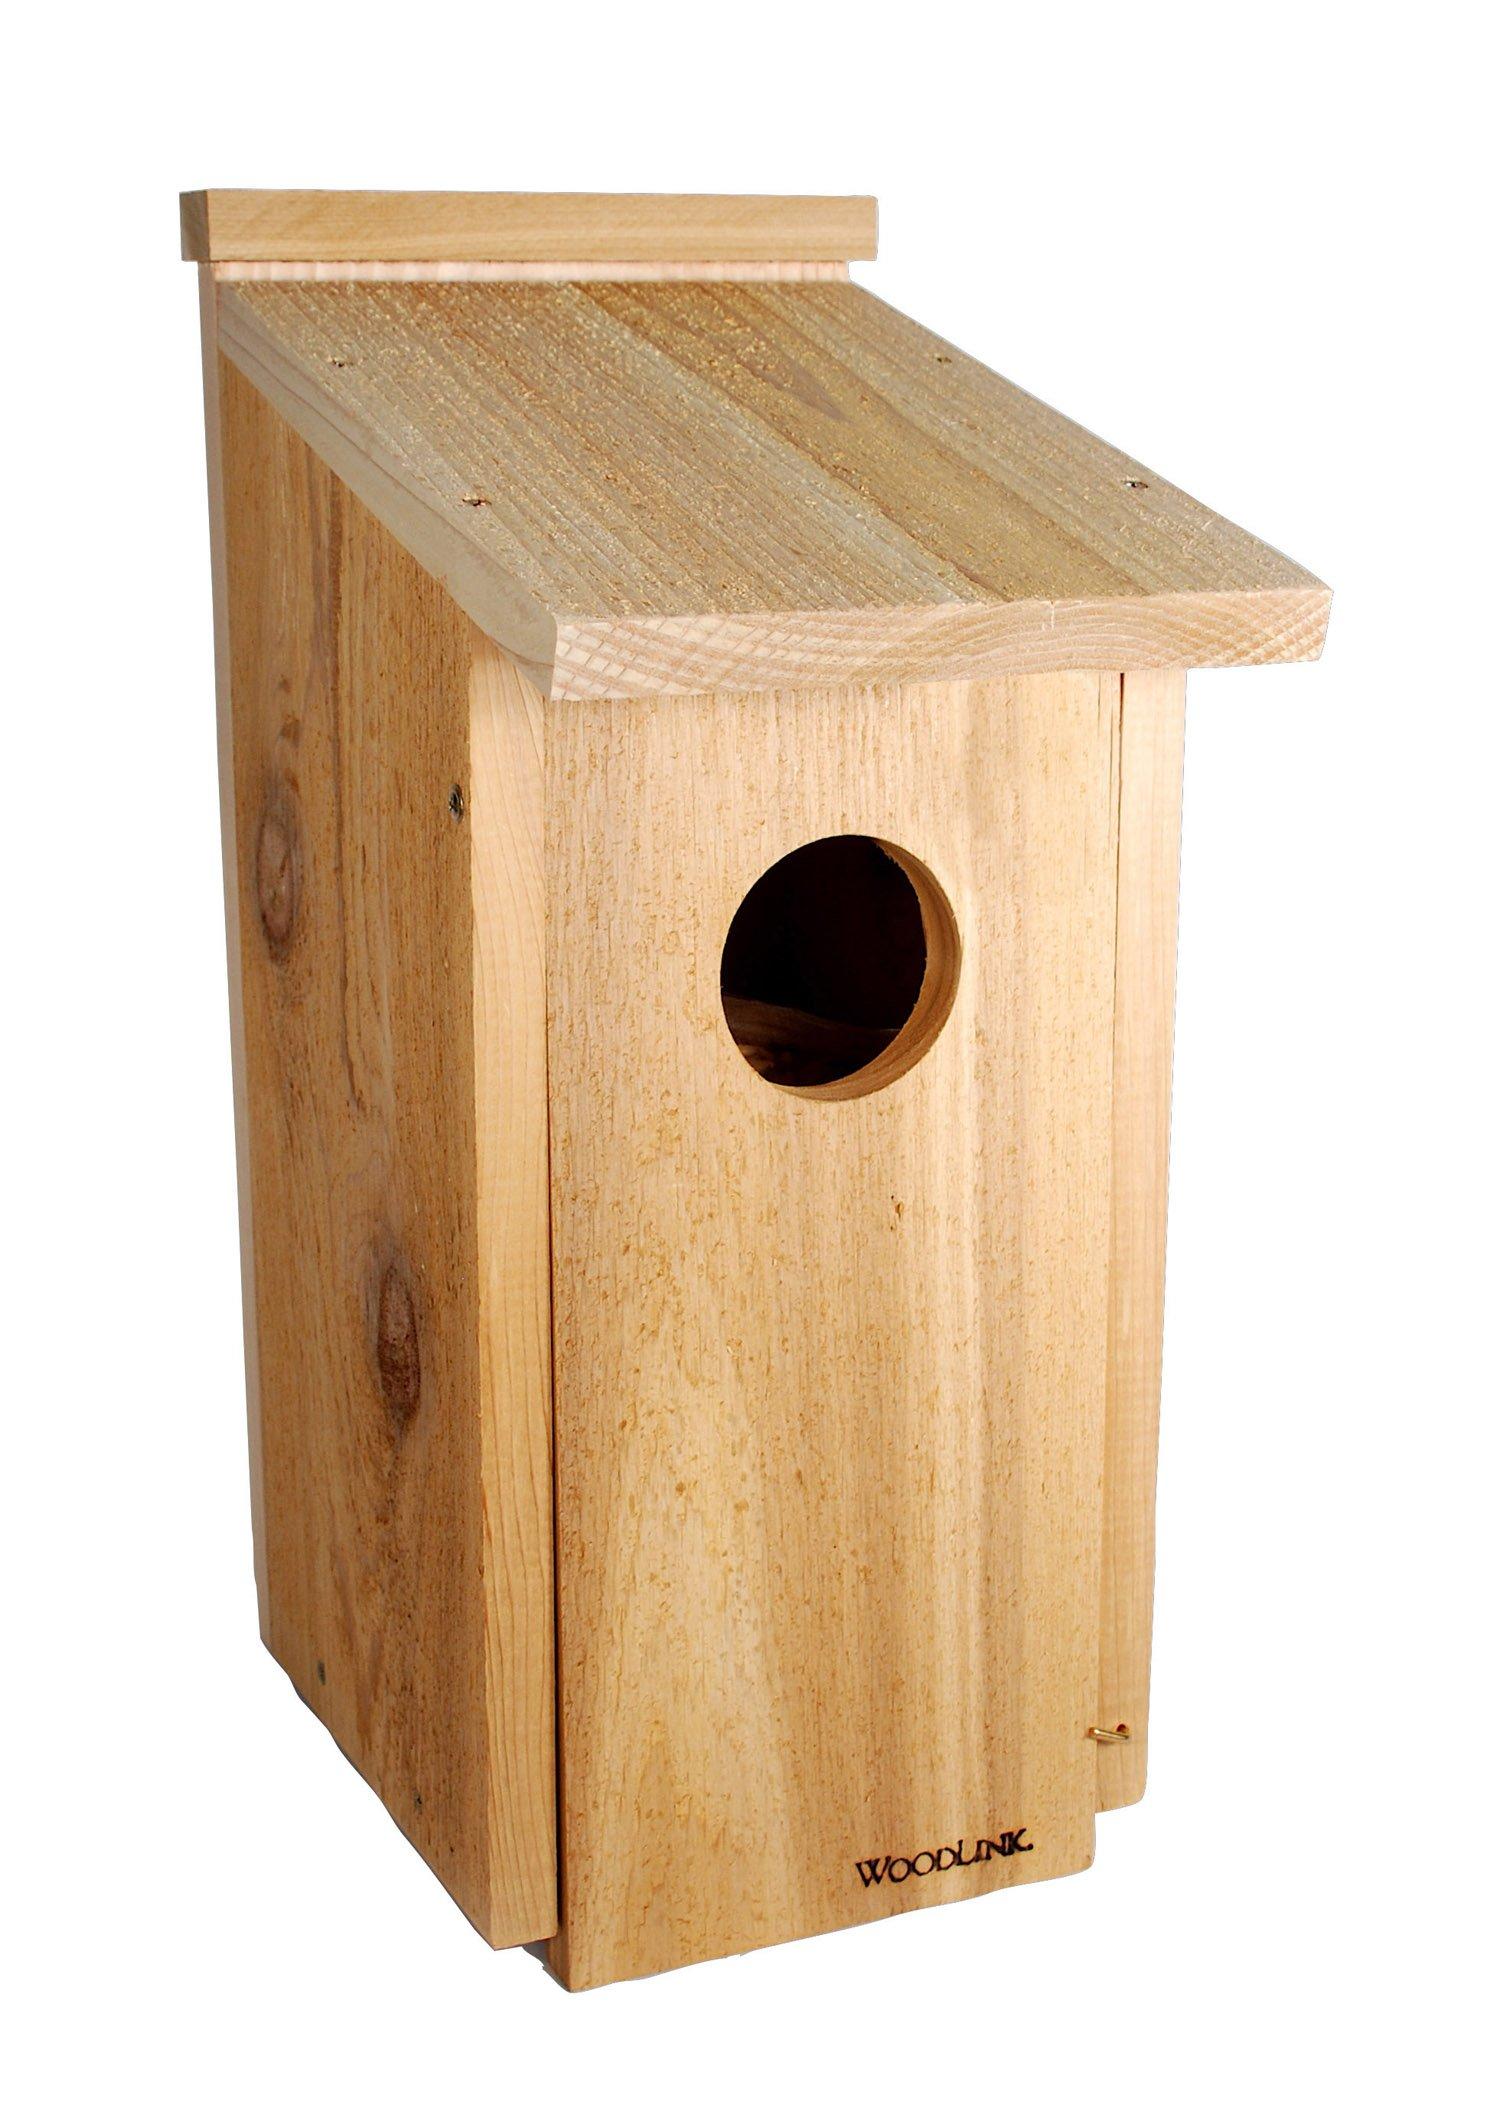 Woodlink OWL/Kestrel Screech House